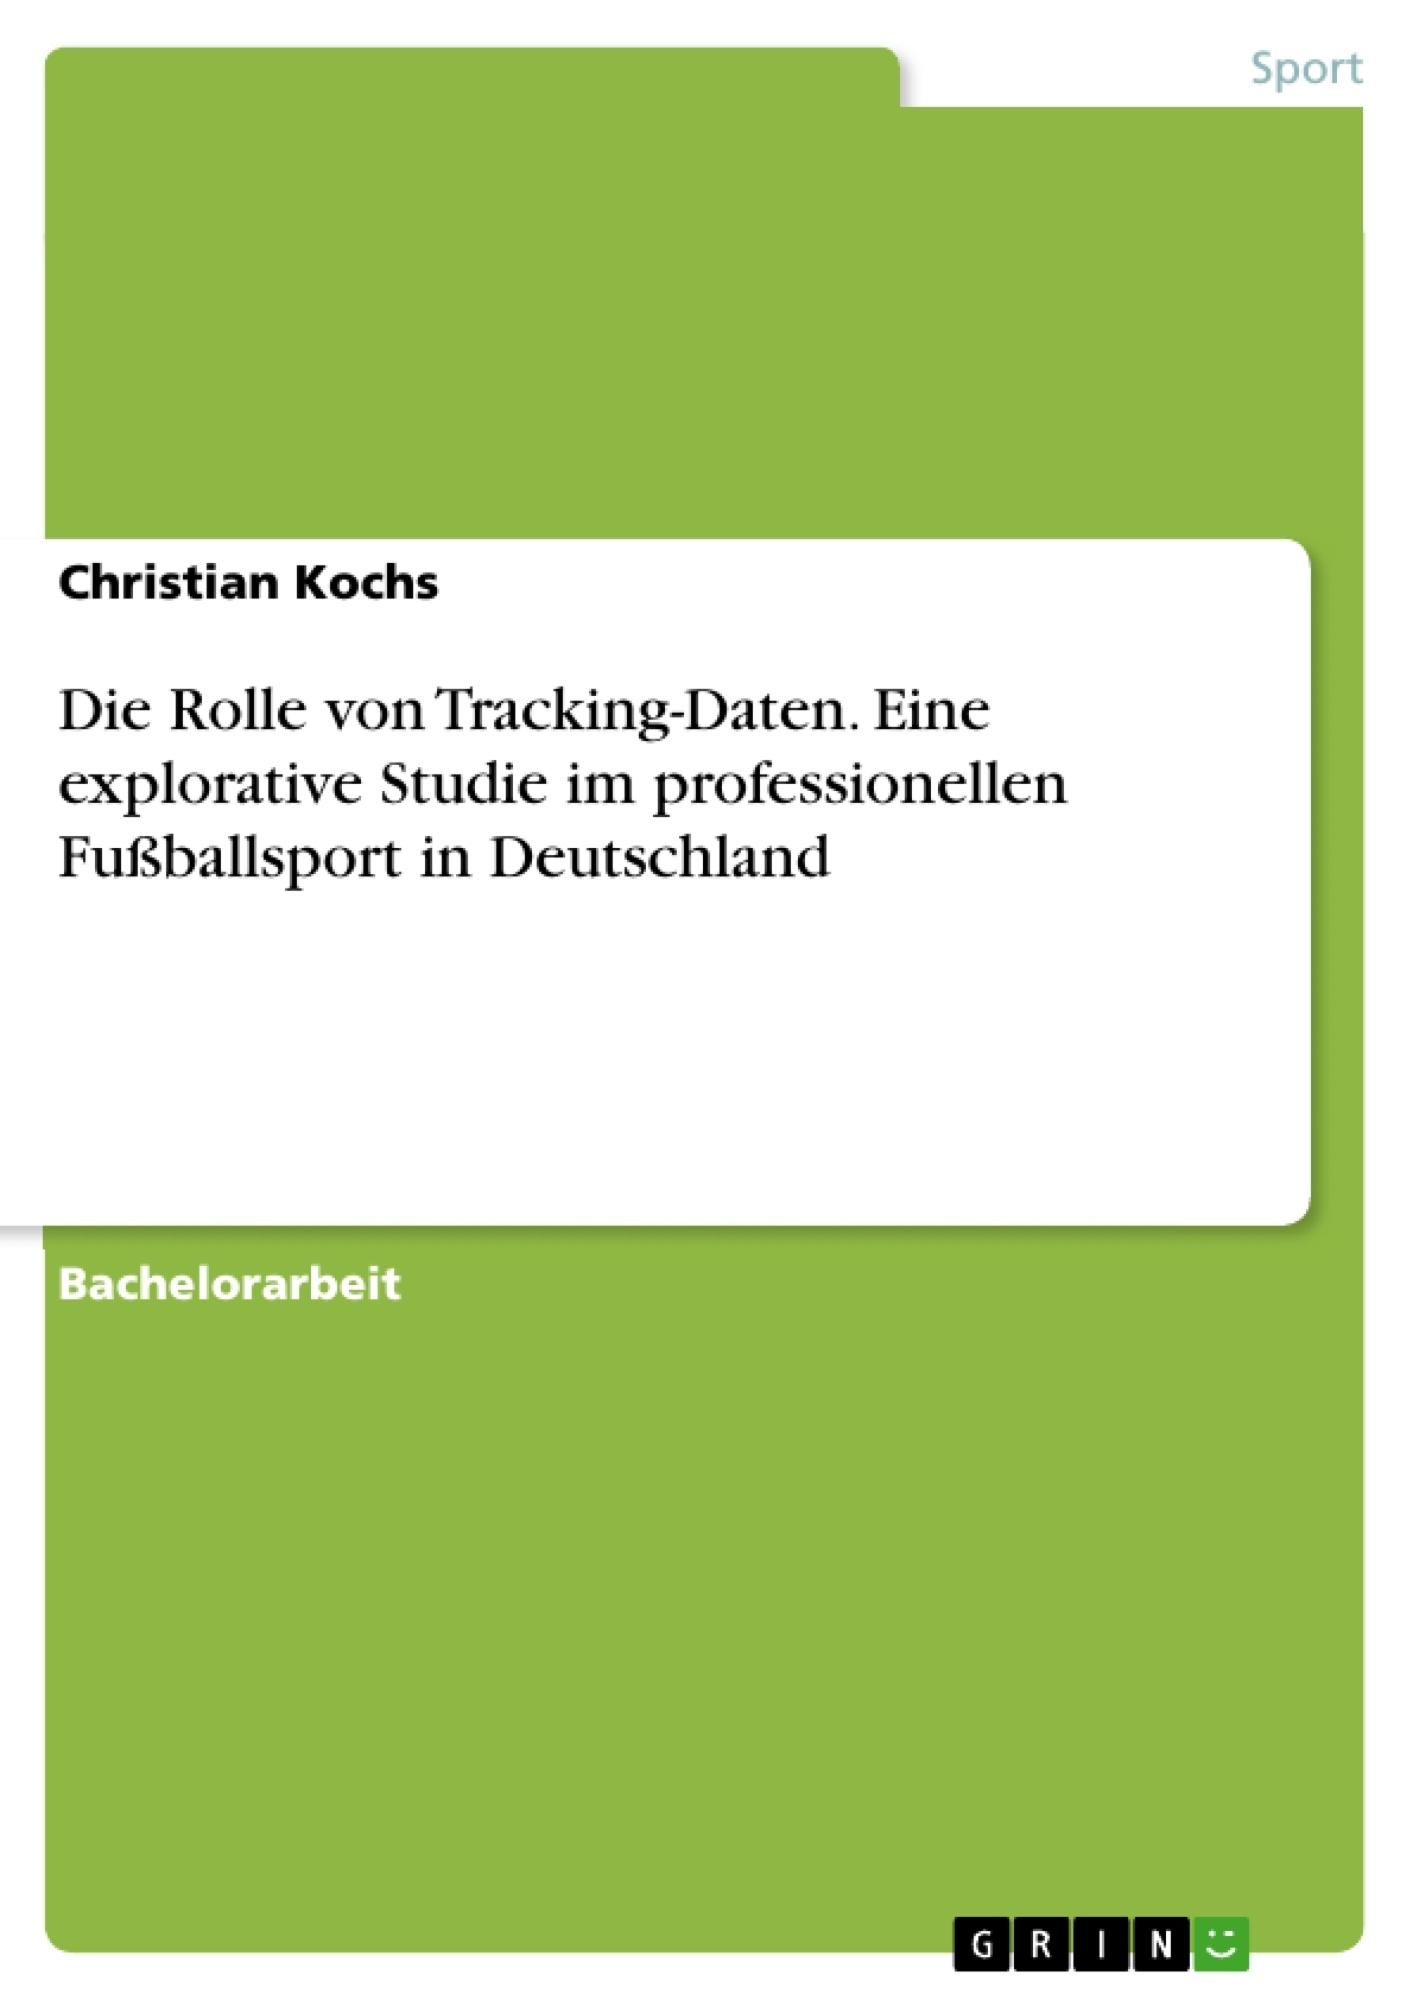 Titel: Die Rolle von Tracking-Daten. Eine explorative Studie im professionellen Fußballsport in Deutschland